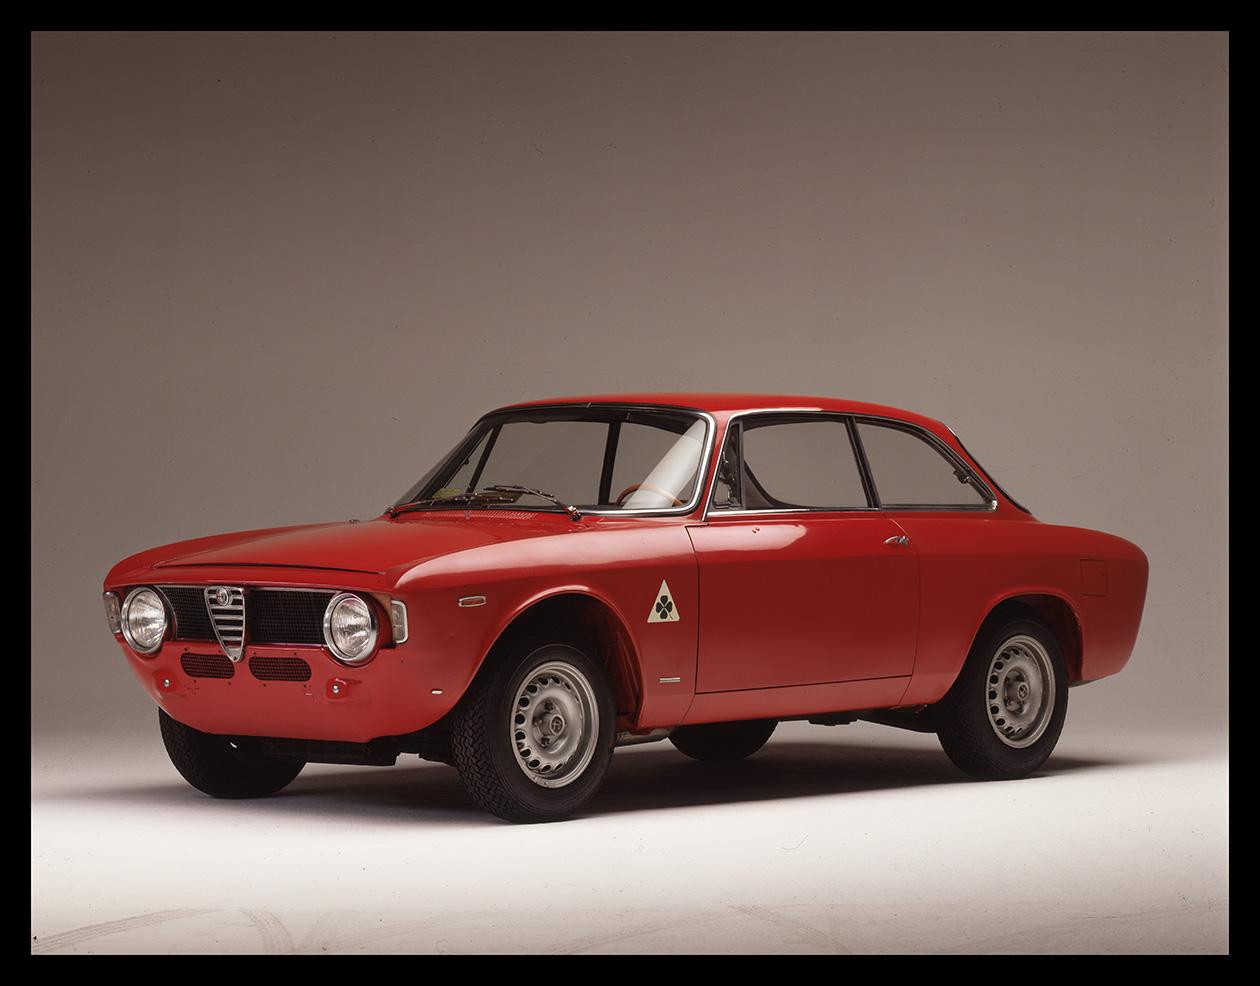 484 001 Δεν γνωρίζεις τι εστί Alfa Romeo άμα δεν γνωρίζεις την ιστορία της Alfa, alfa romeo, Alfa Romeo Soul, Alfisti, Giulia, Heritage, museoalfaromeo, videos, zblog